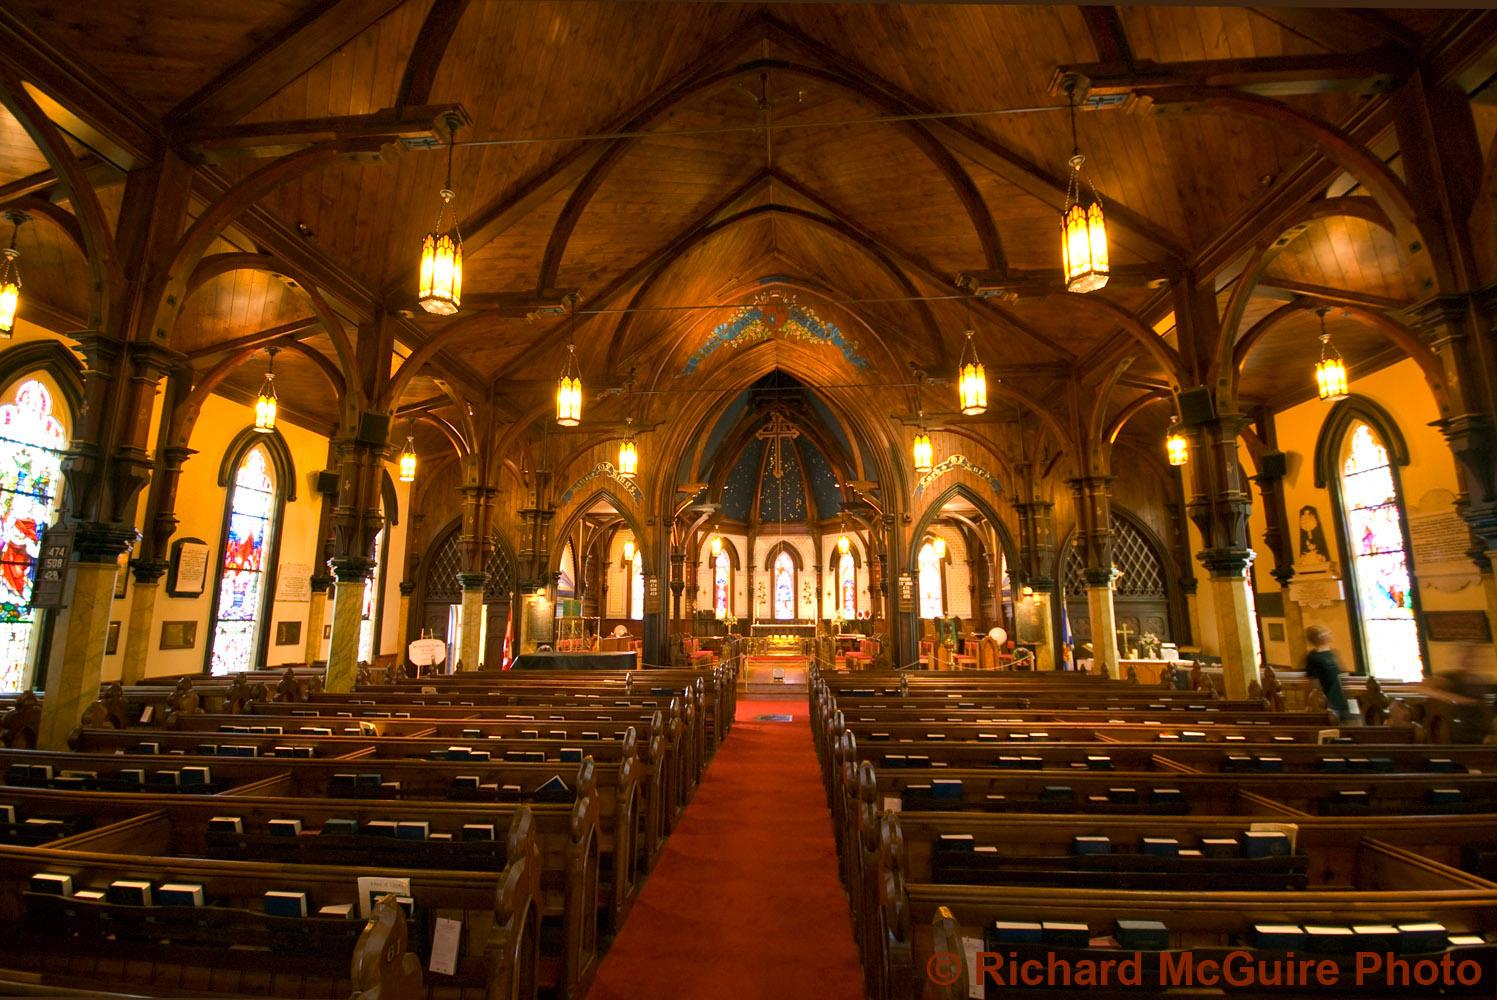 Restored St. John's Anglican Church, Lunenburg, Nova Scotia